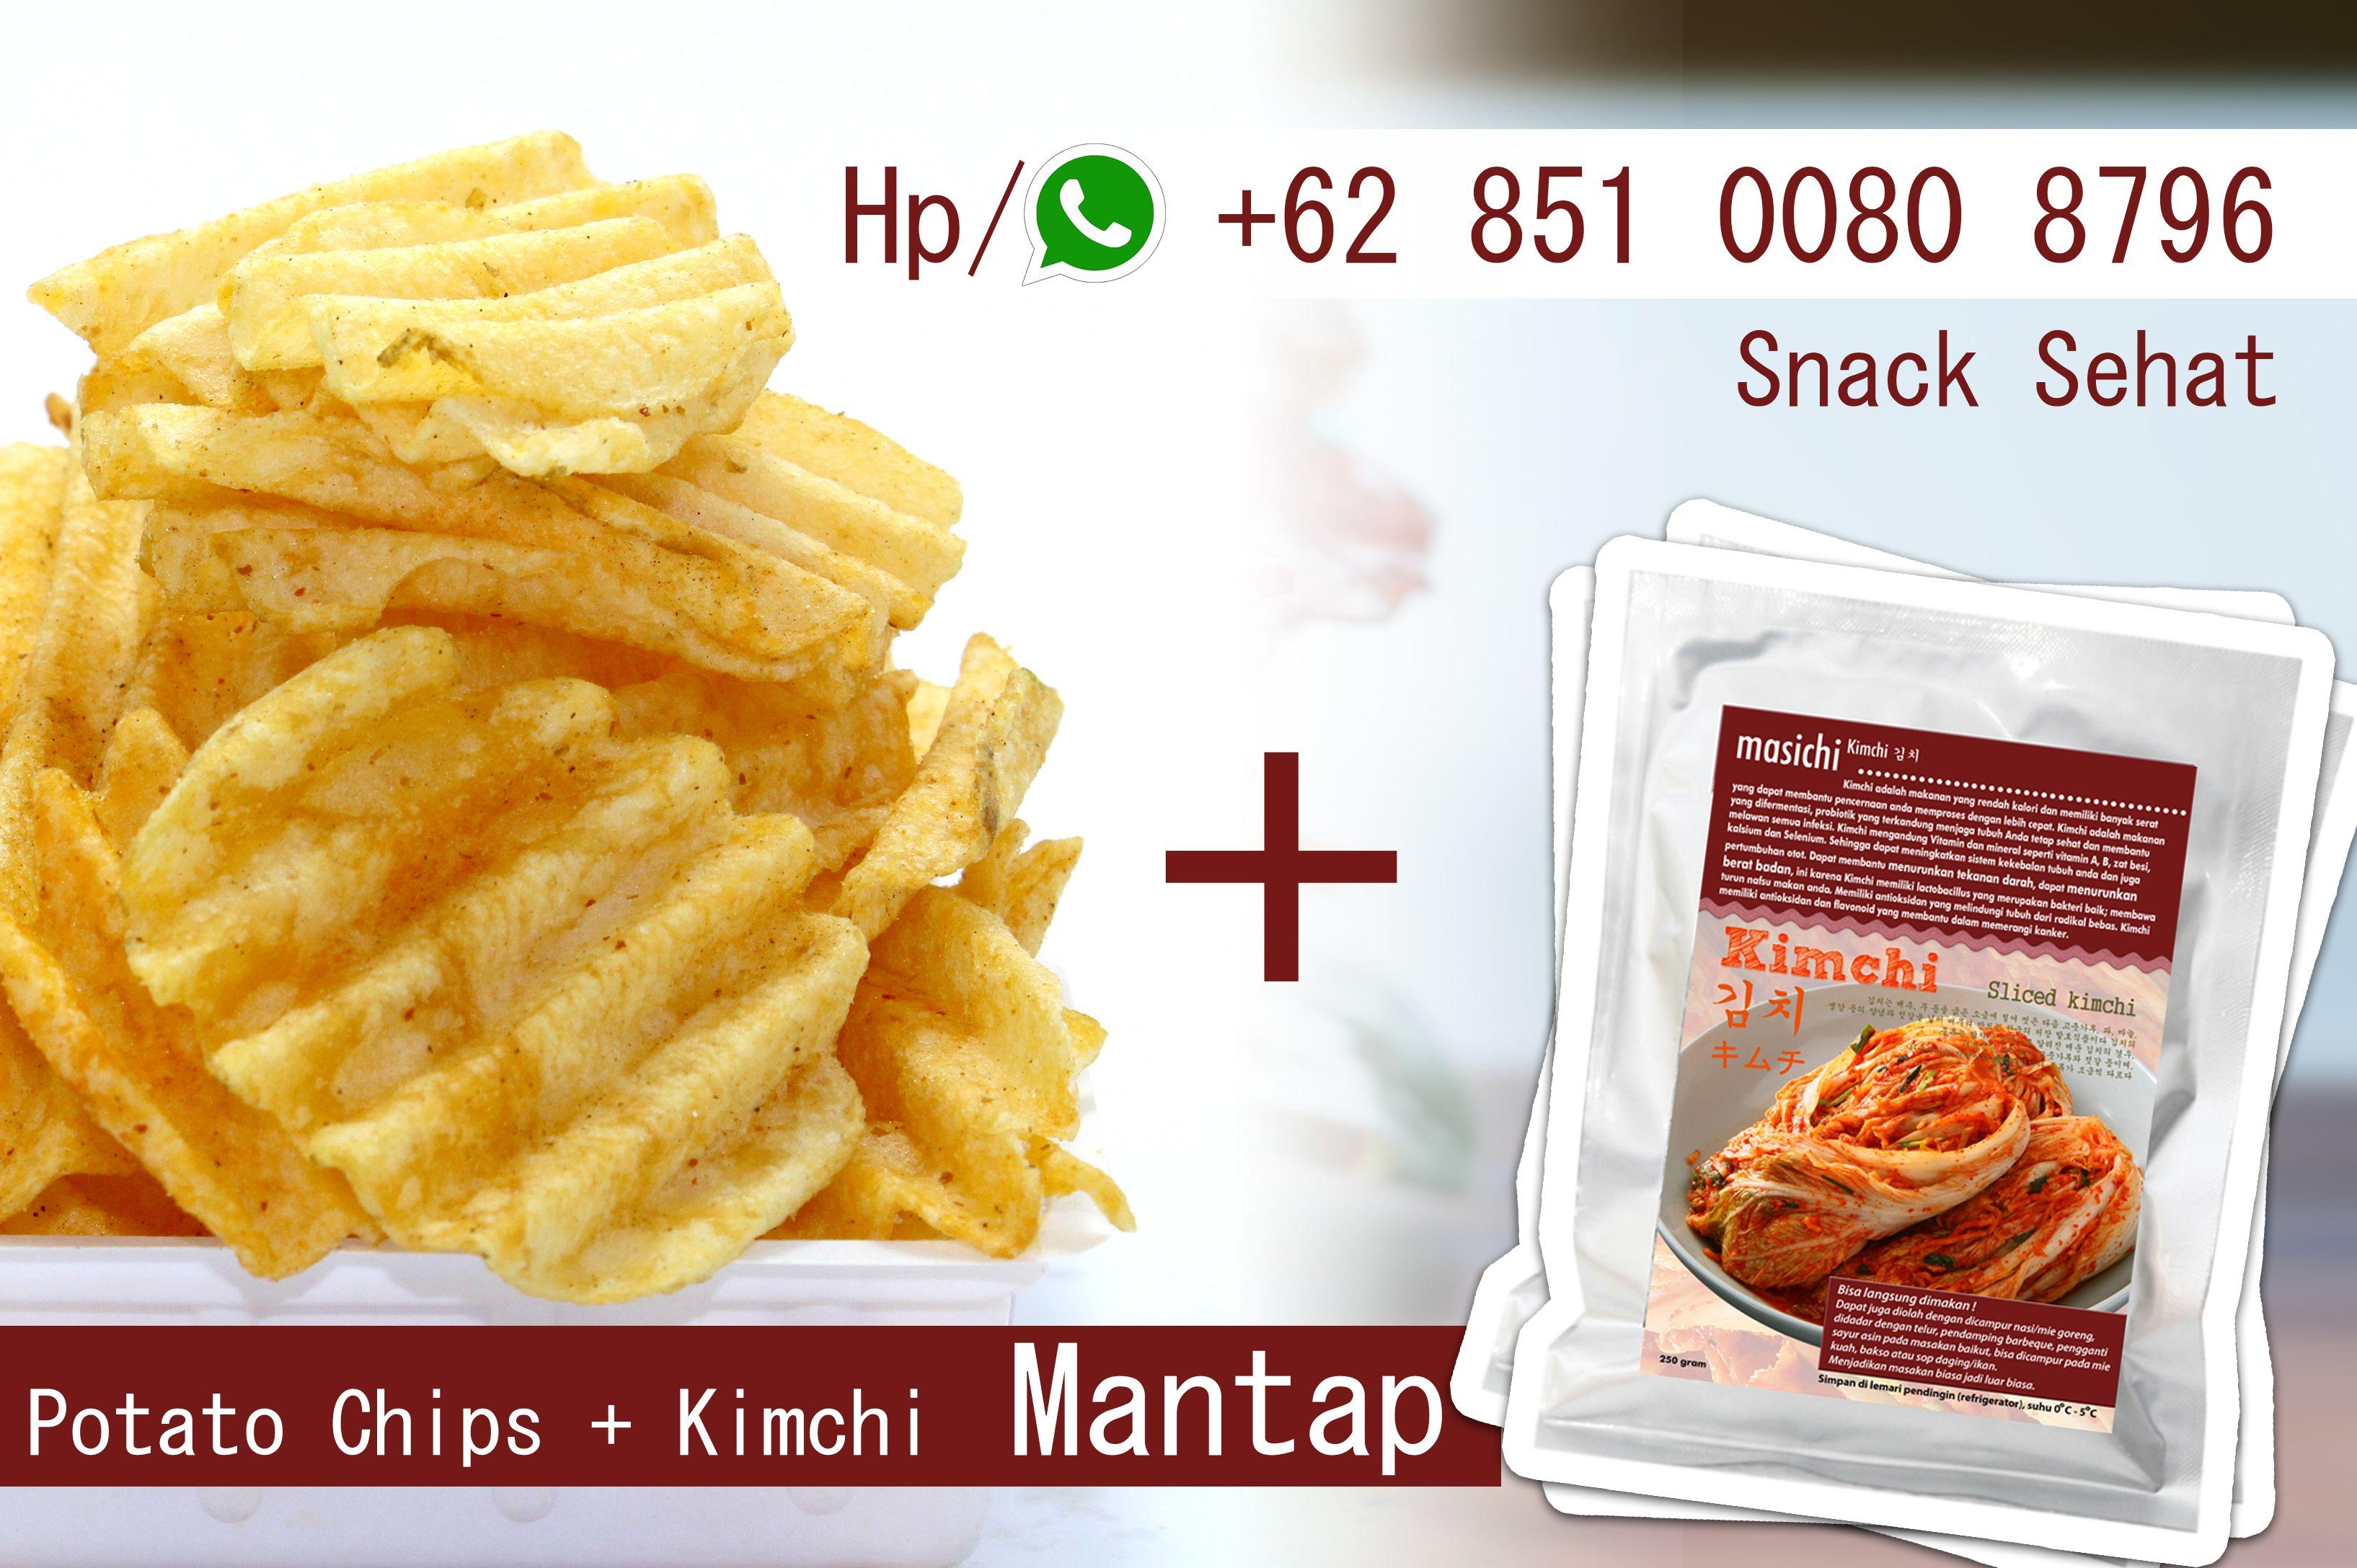 HP WA 62 851 0080 8796 MURAH GAN Harga Kimchi di